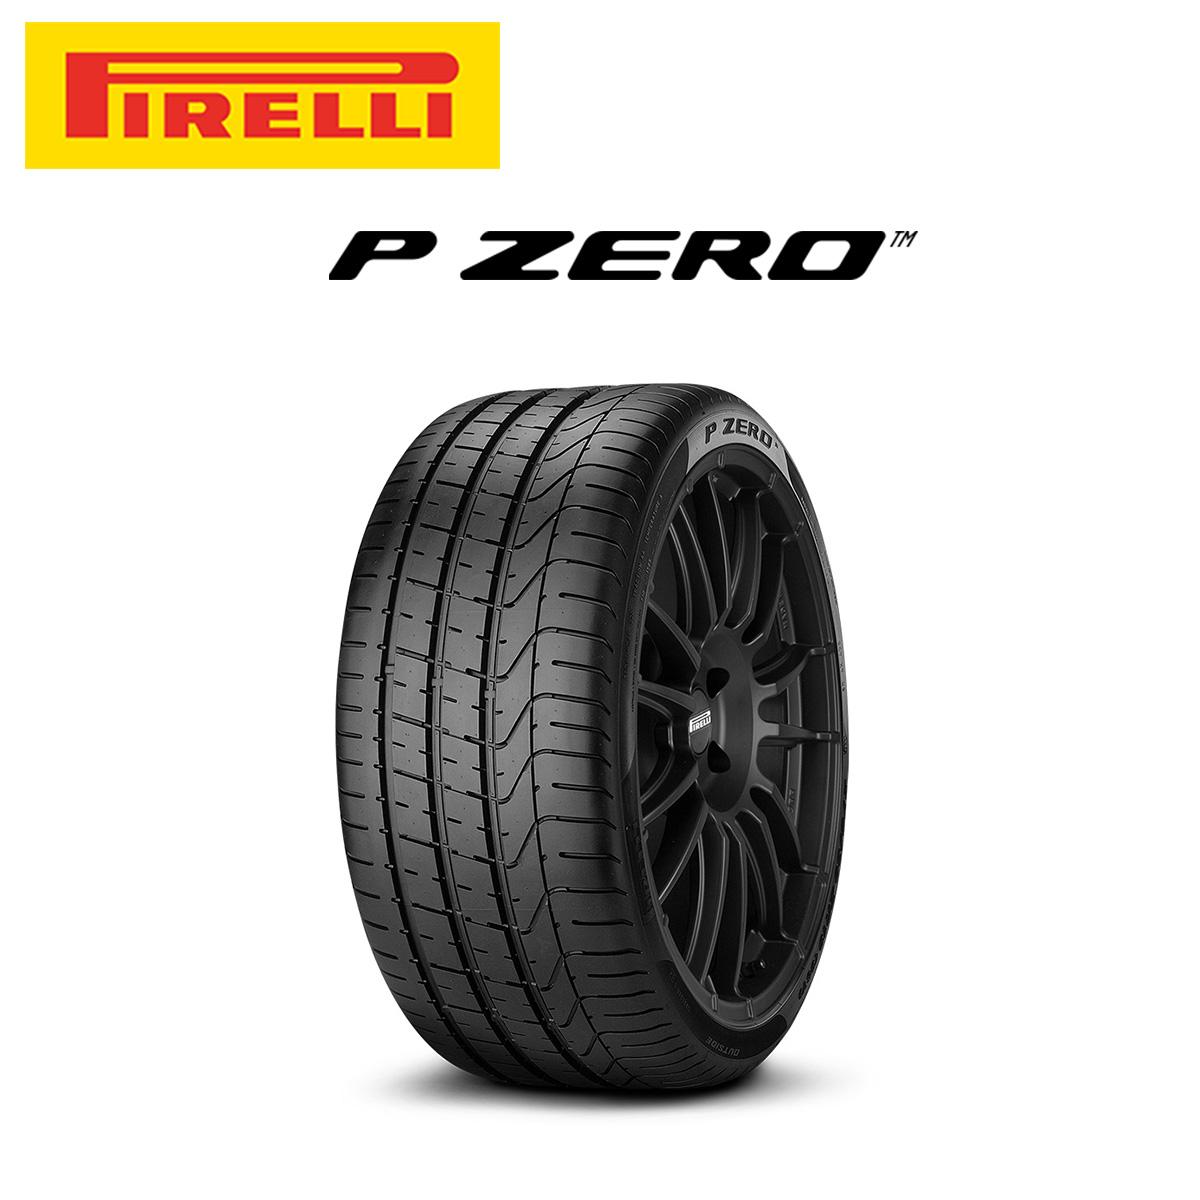 ピレリ PIRELLI P ZERO ピーゼロ 20インチ サマー タイヤ 4本 セット 255/40ZR20 101Y XL B1:ベントレー承認タイヤ 2540100